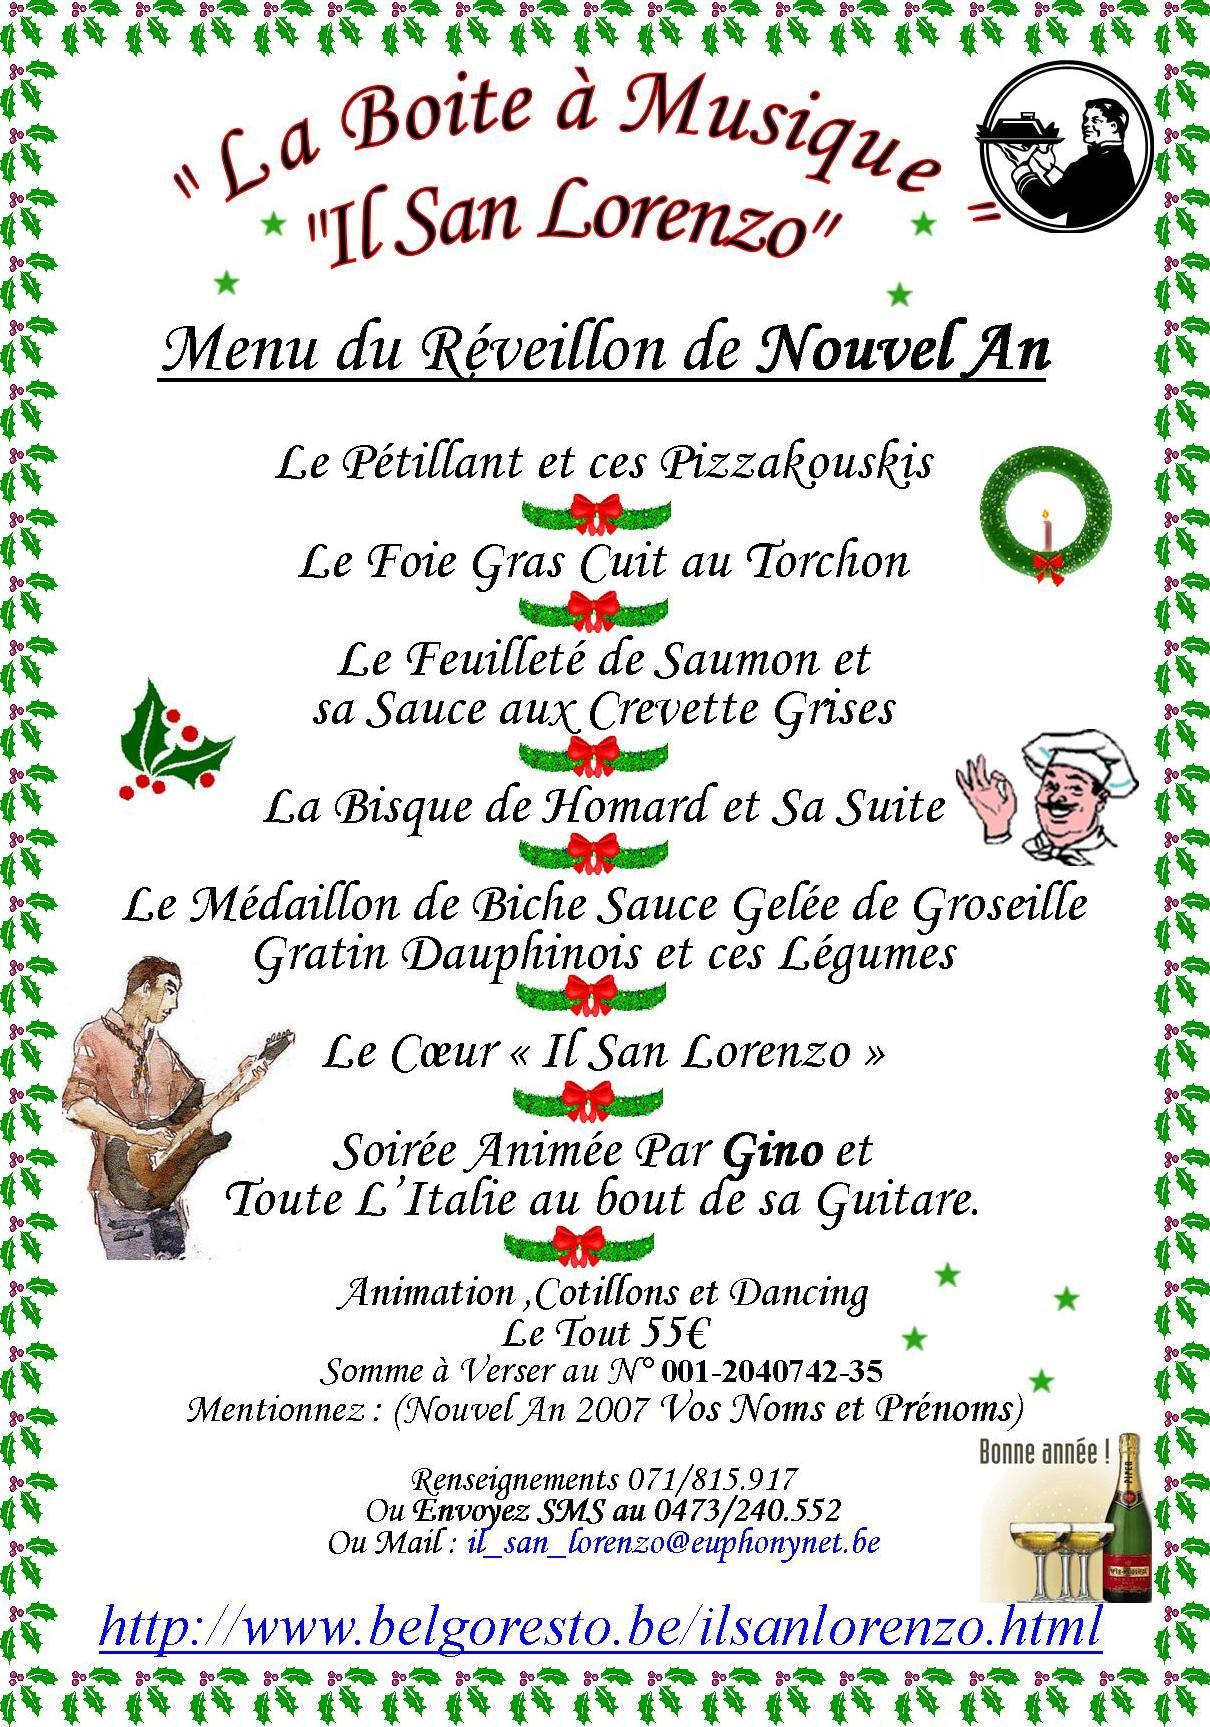 Reveillon de nouvel an 2007 2006 06 15 menus des fetes de fin d 39 annee 2006 boite a musique - Menu de noel original ...